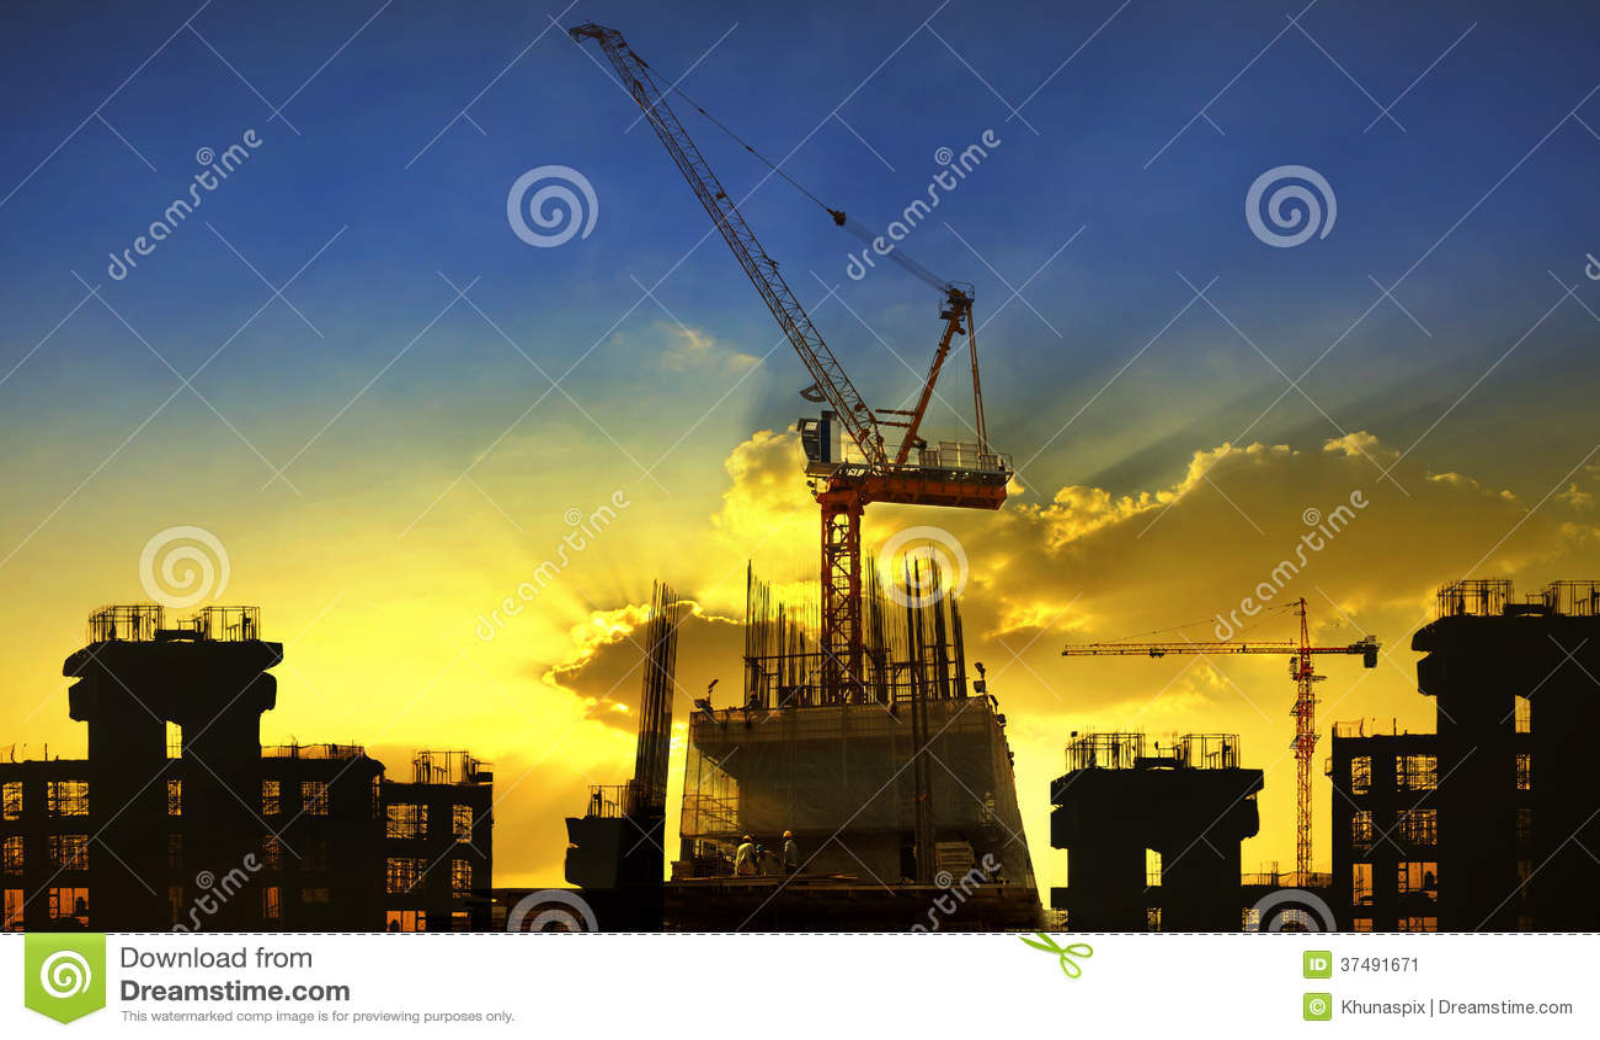 Building and crane construction site against beaut